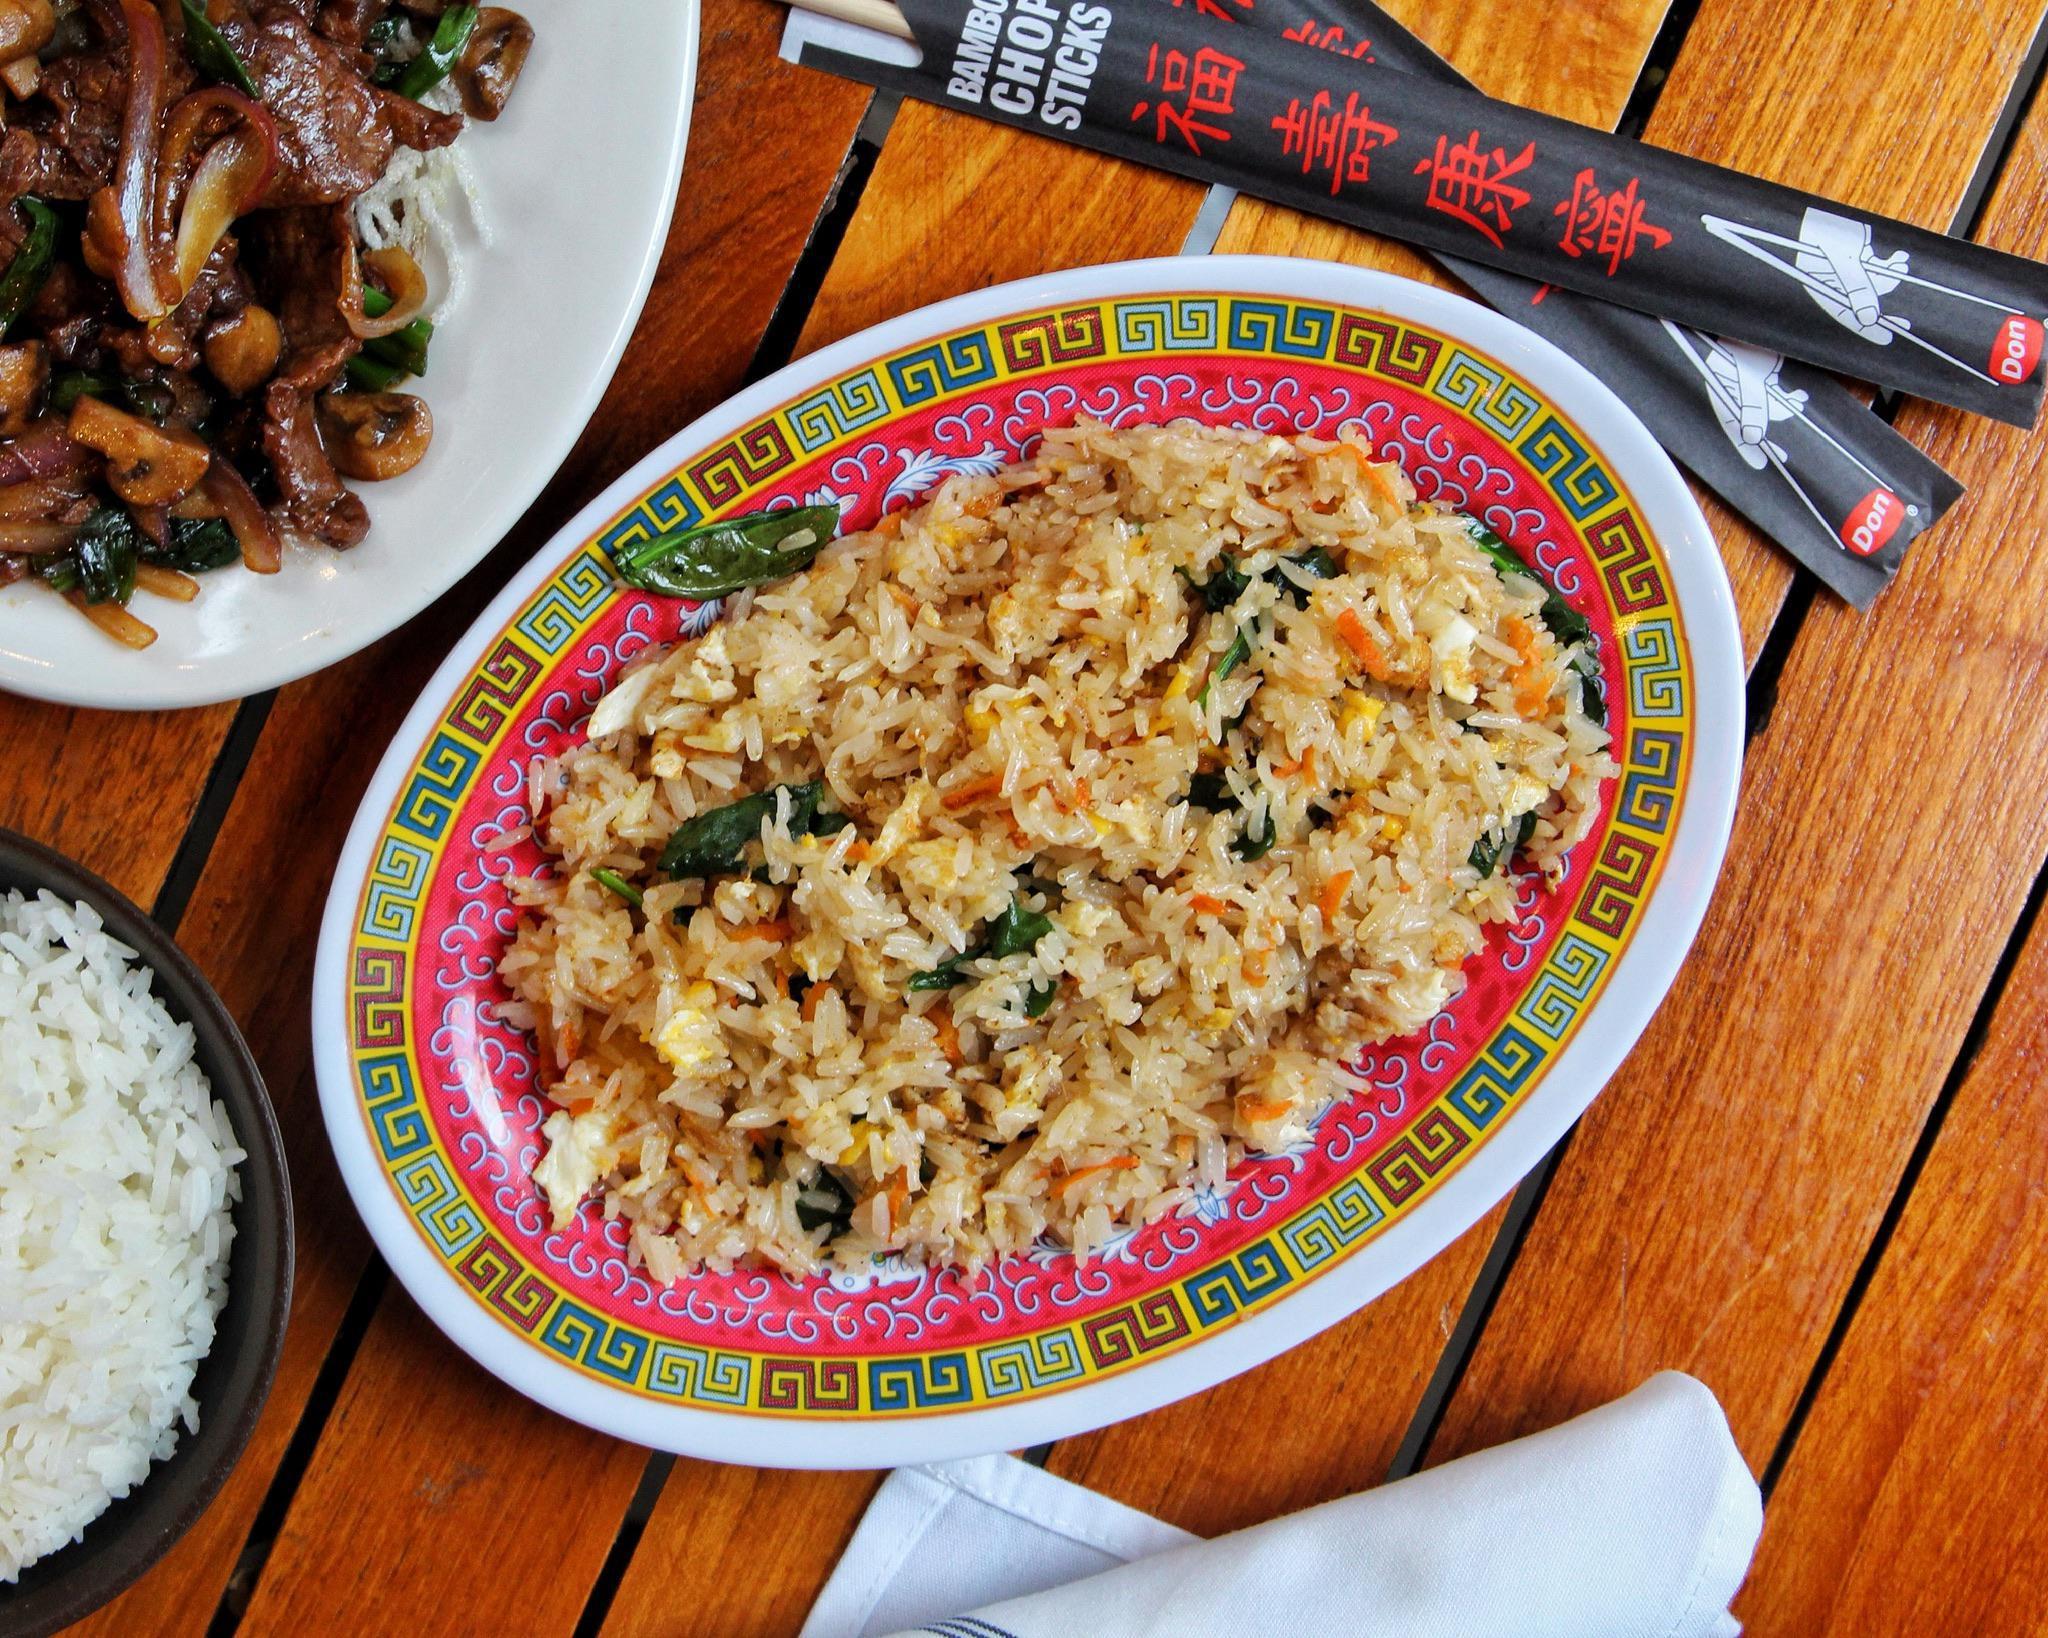 Ben Pao Chicken Fried Rice